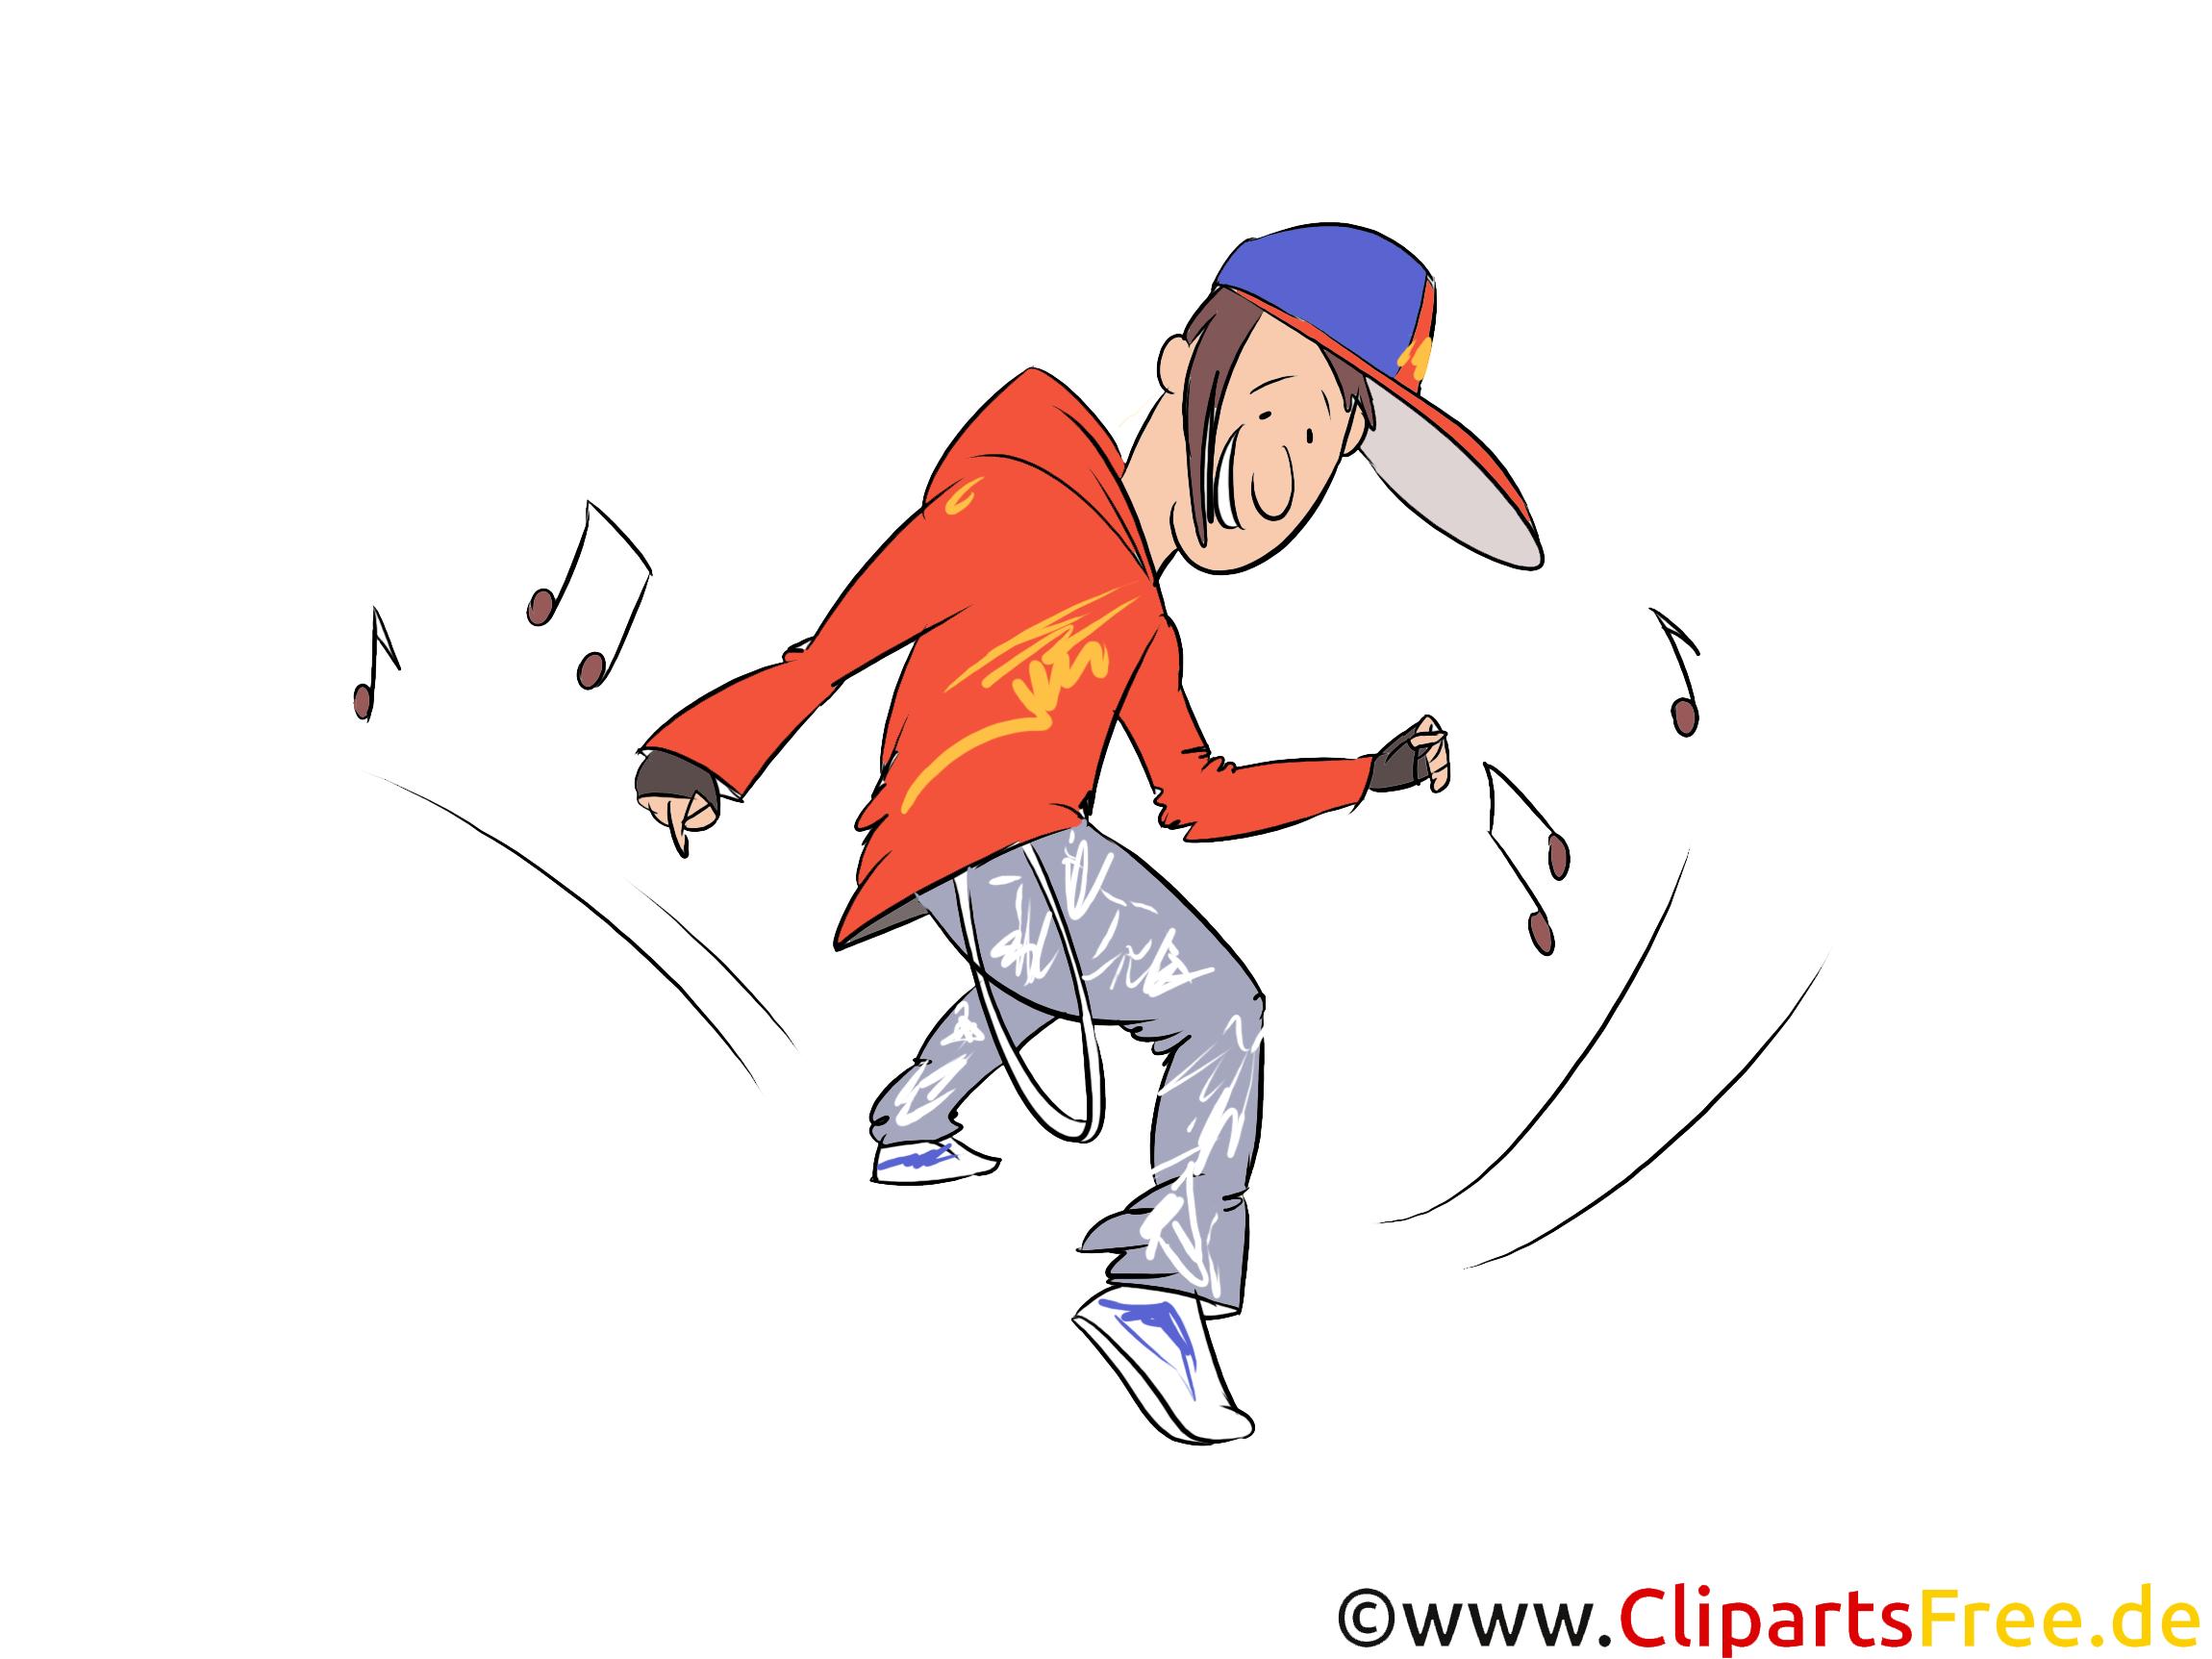 Brake Dance Illustration, Clip Art